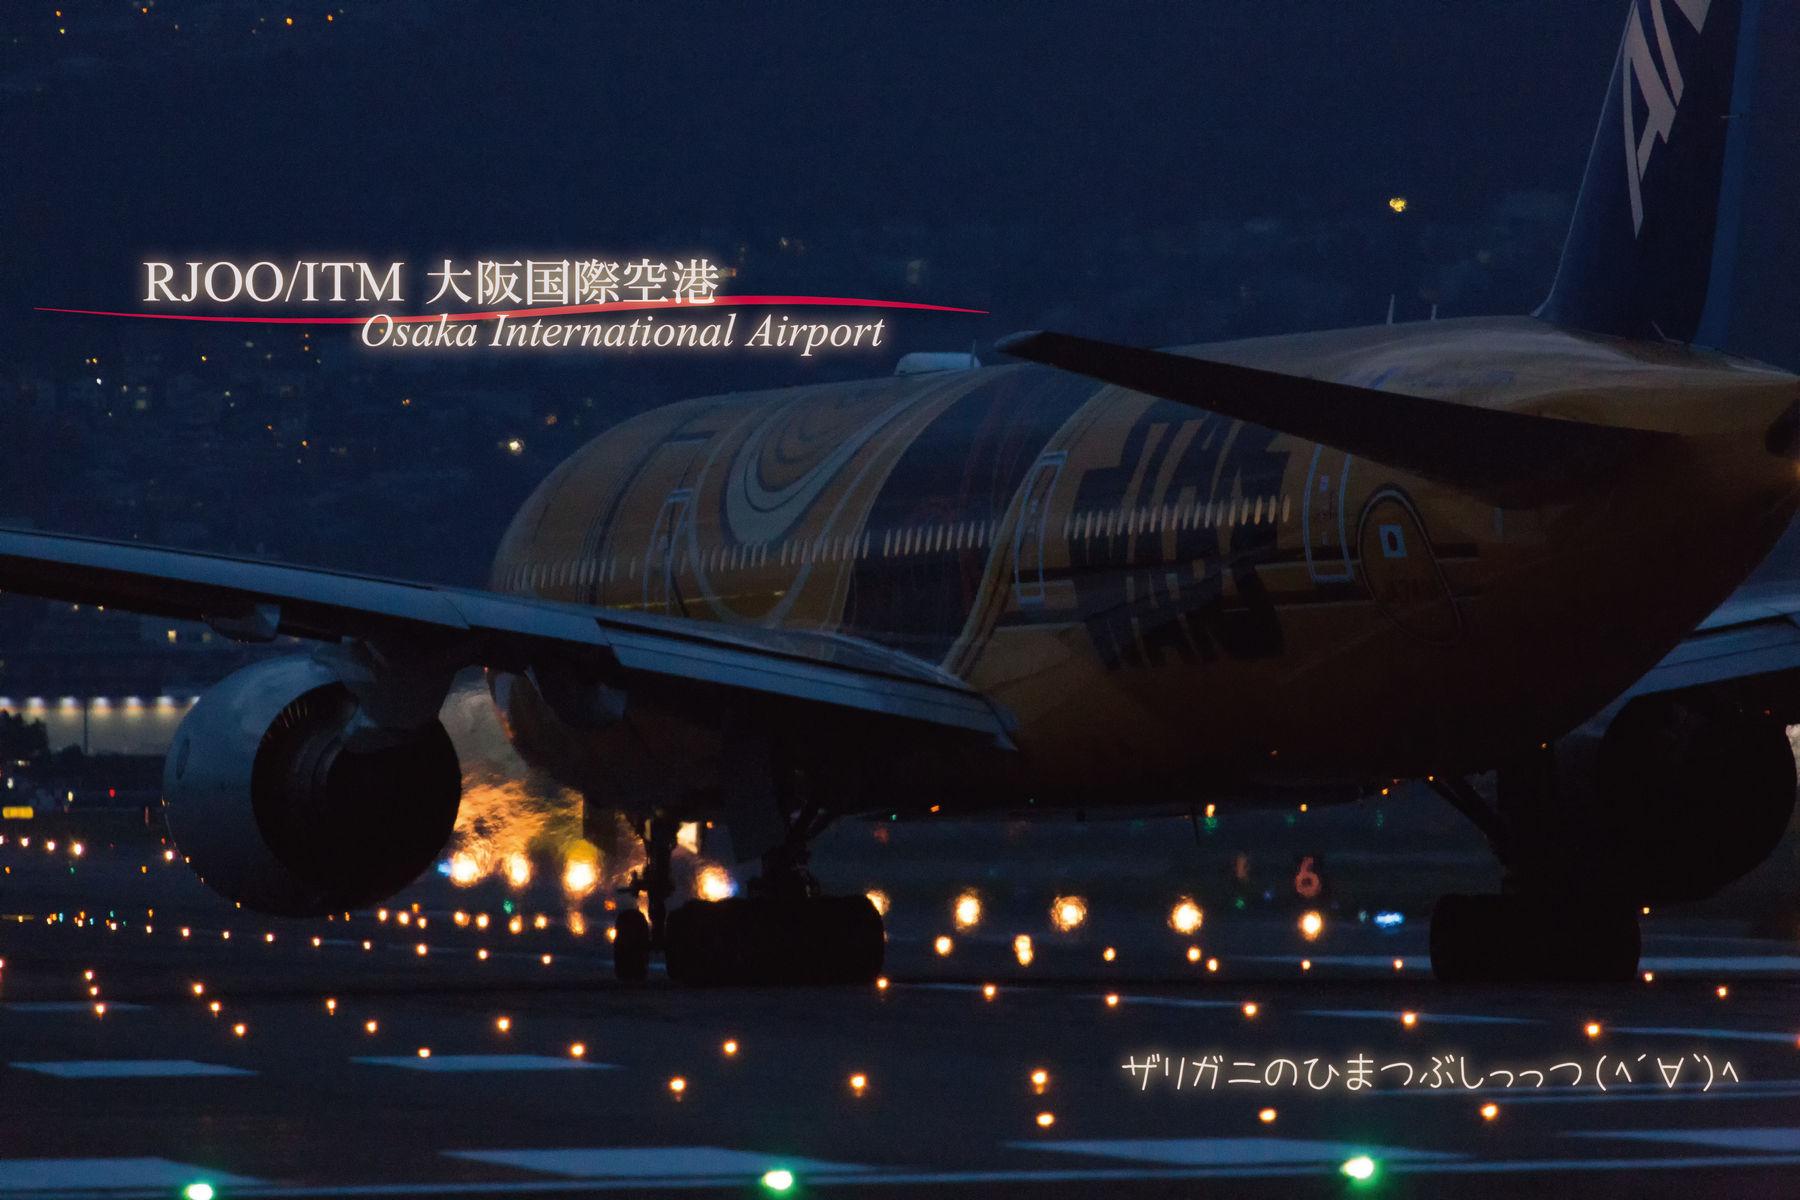 【飛行機】伊丹空港でひまつぶし。